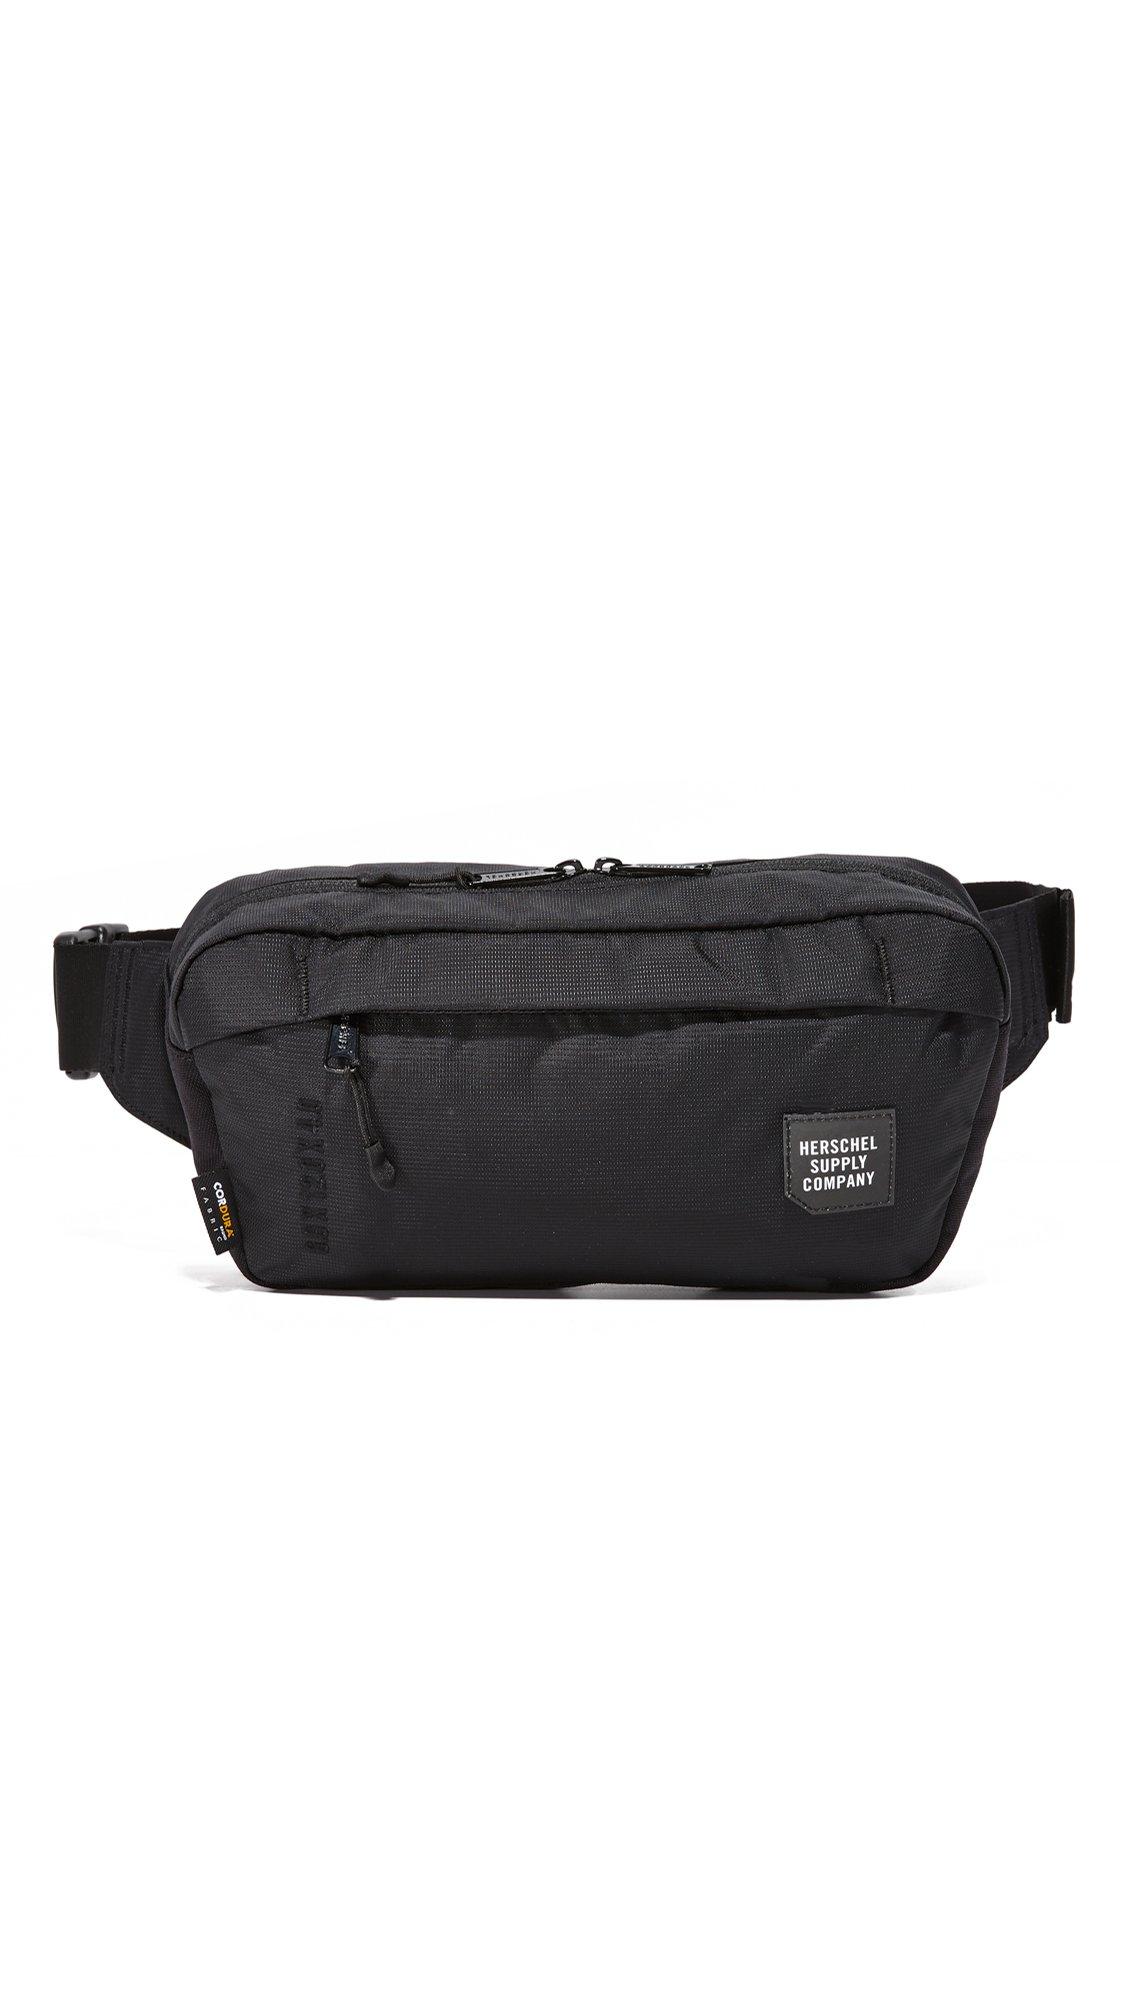 Herschel Supply Co. Men's Tour Medium Hip Pack, Black, One Size